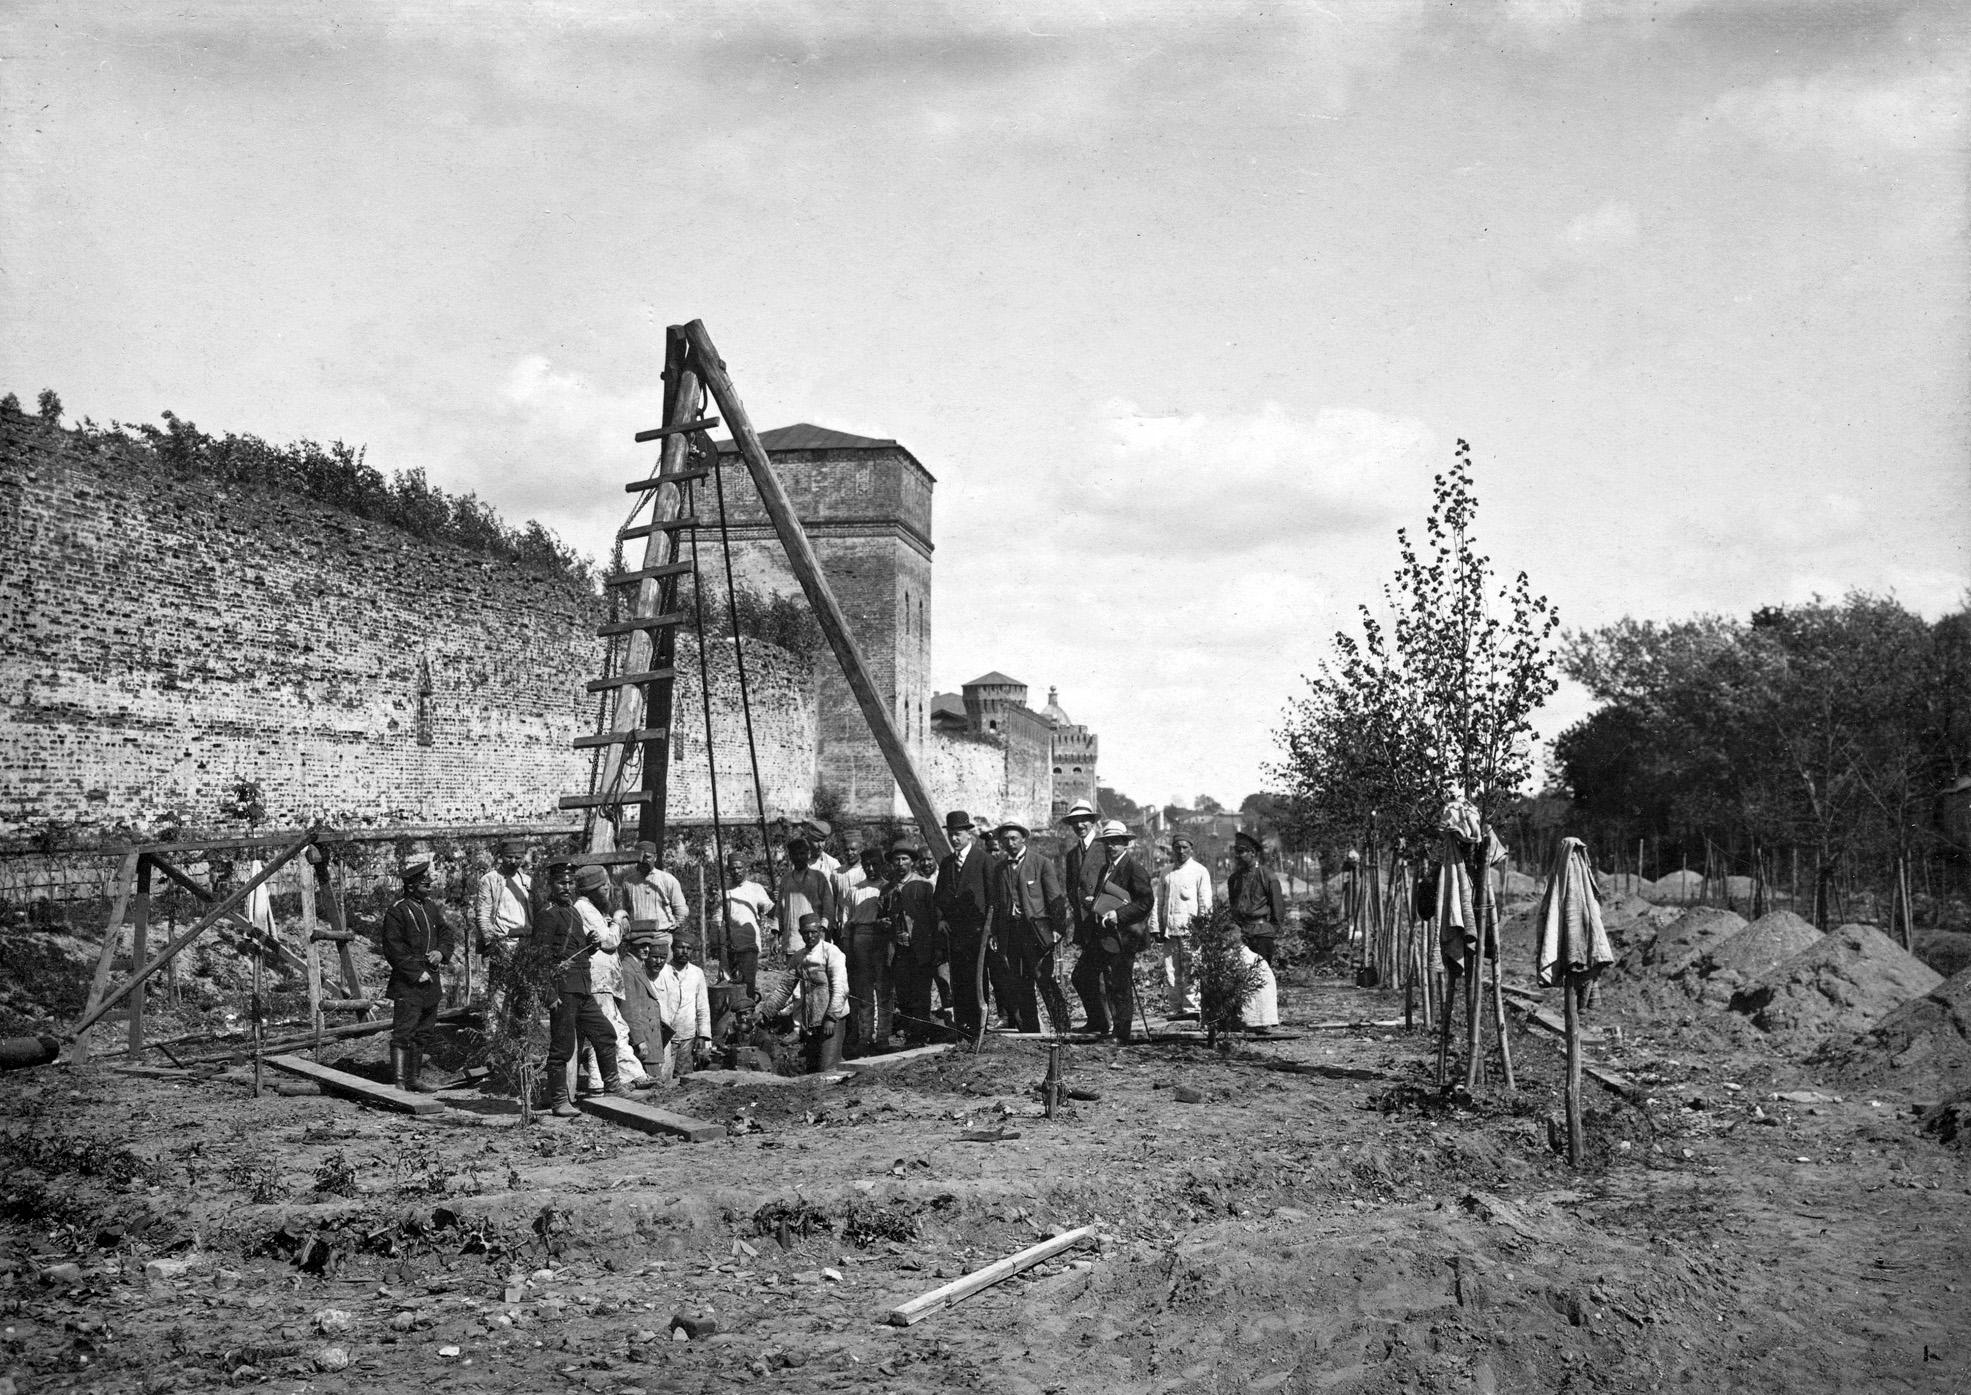 Строительные работы для установки бюста М.И. Кутузова на Бульваре памяти 1812 года. 1912